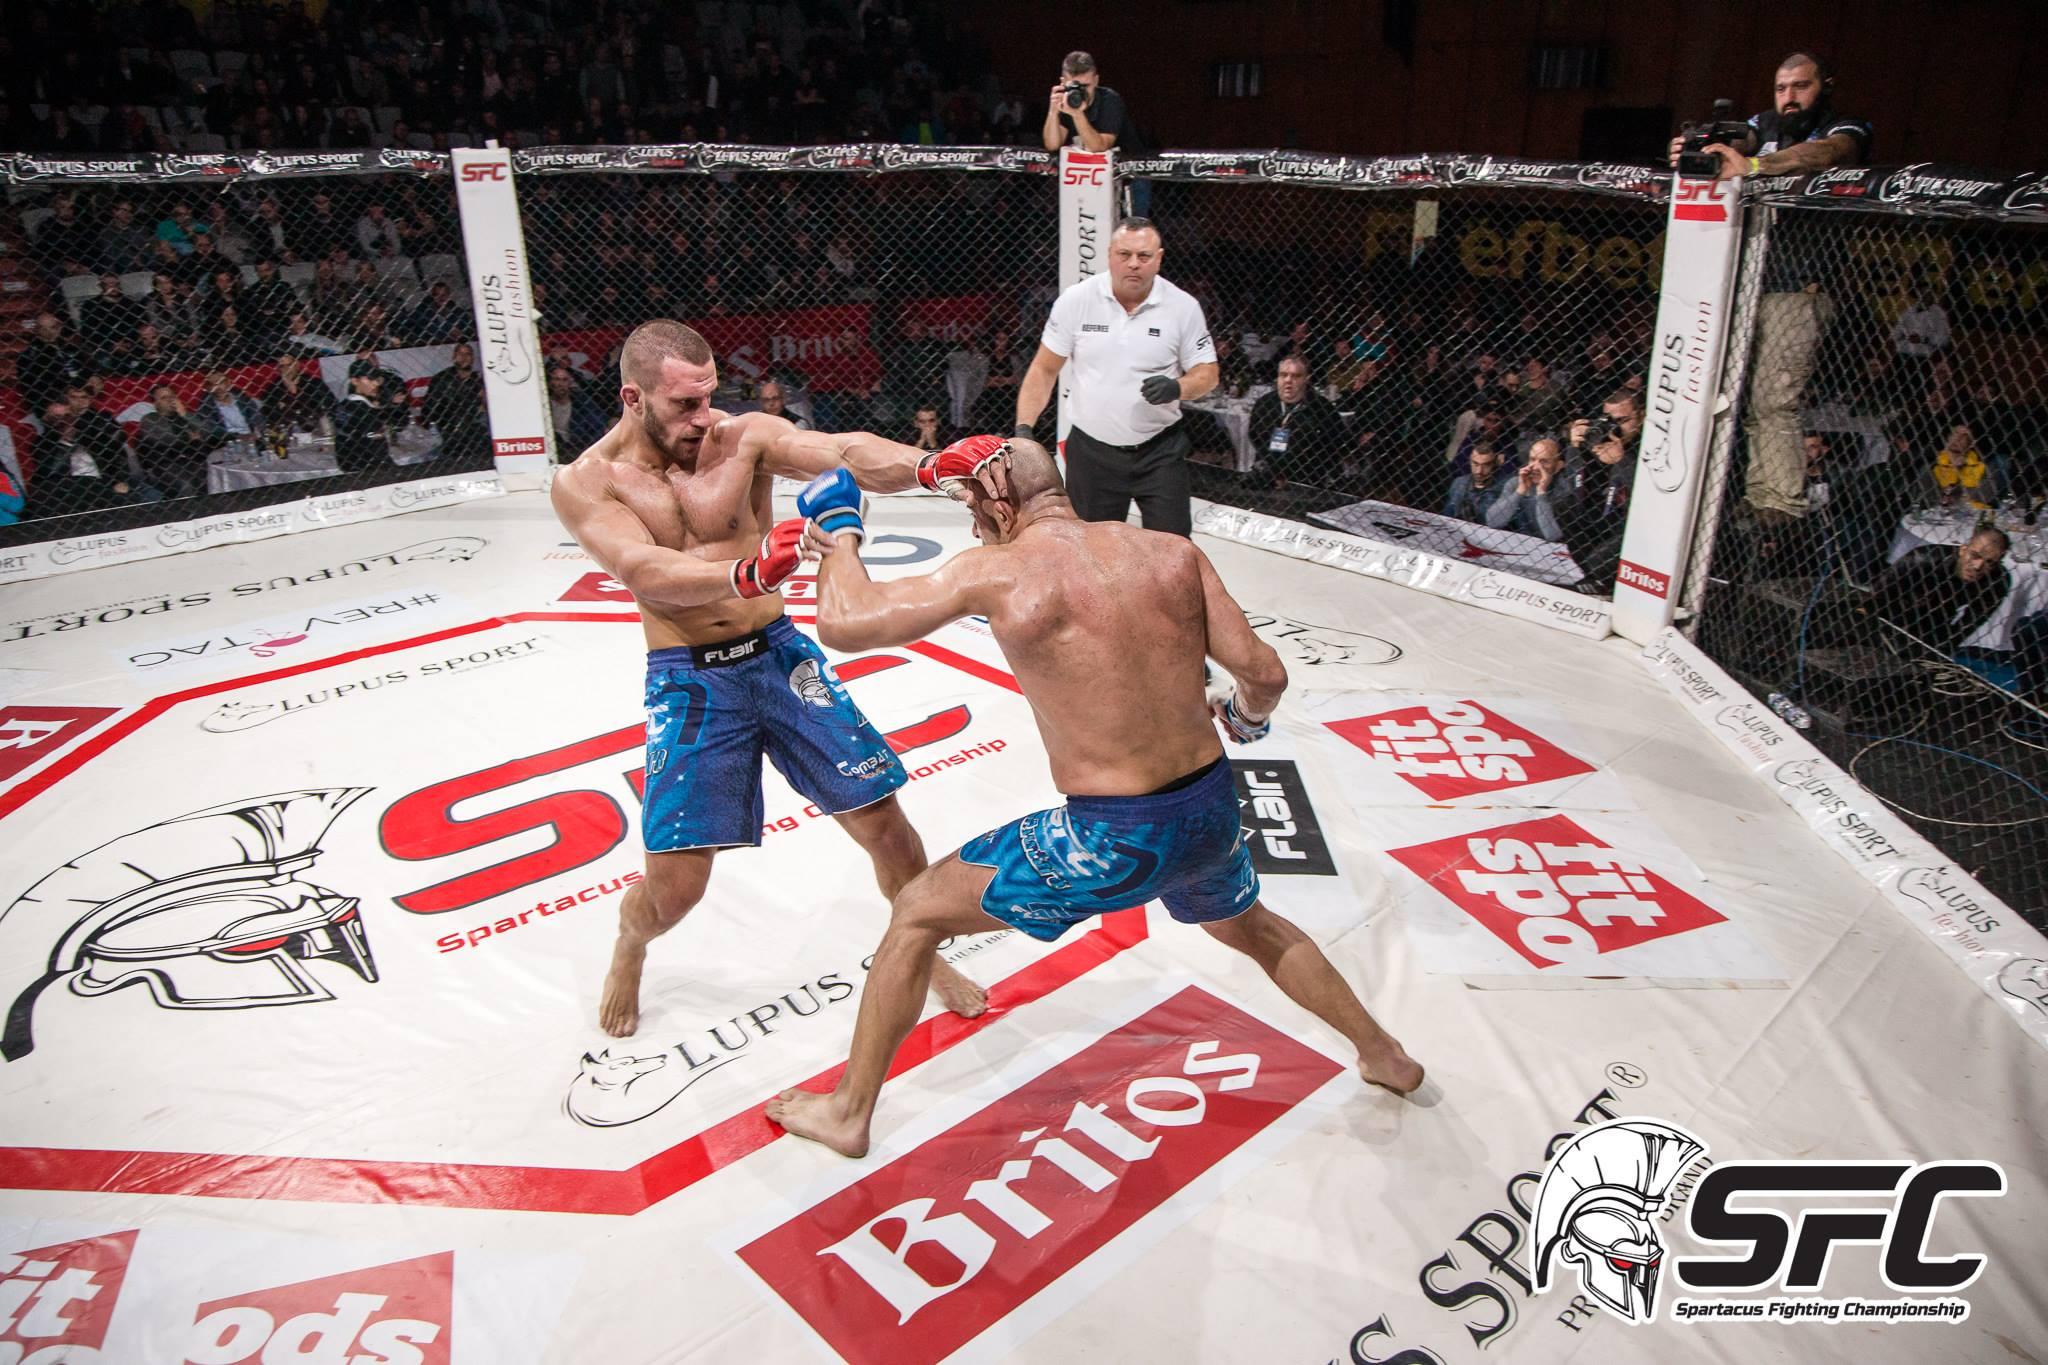 Ще има ли реванш между Калоян Колев и Камен Георгиев?